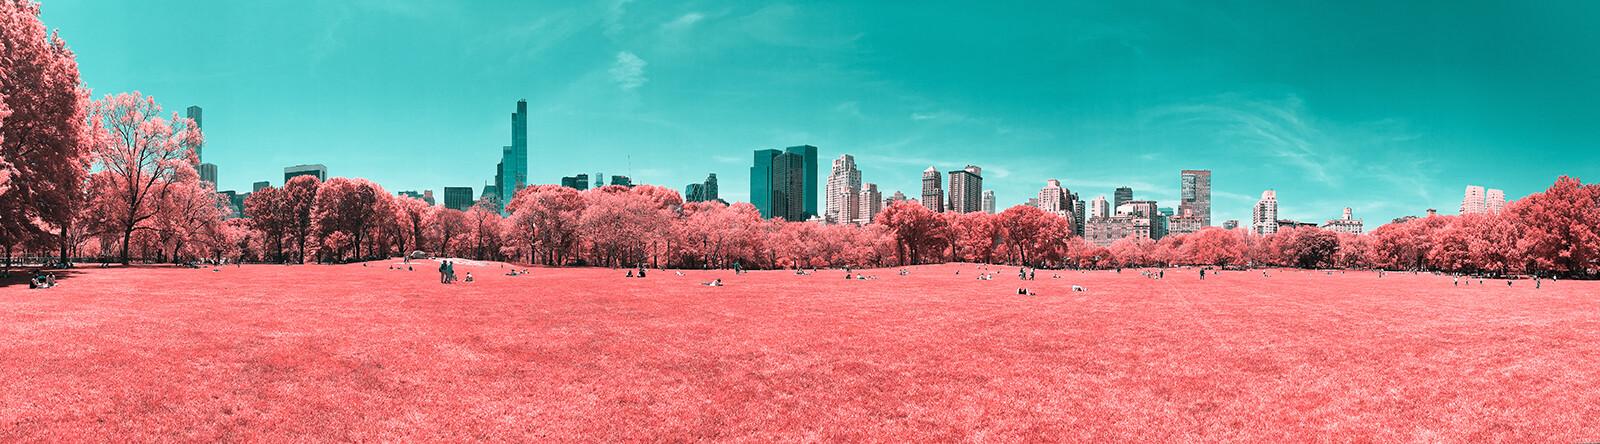 Infrared NYC VI - Paolo Pettigiani